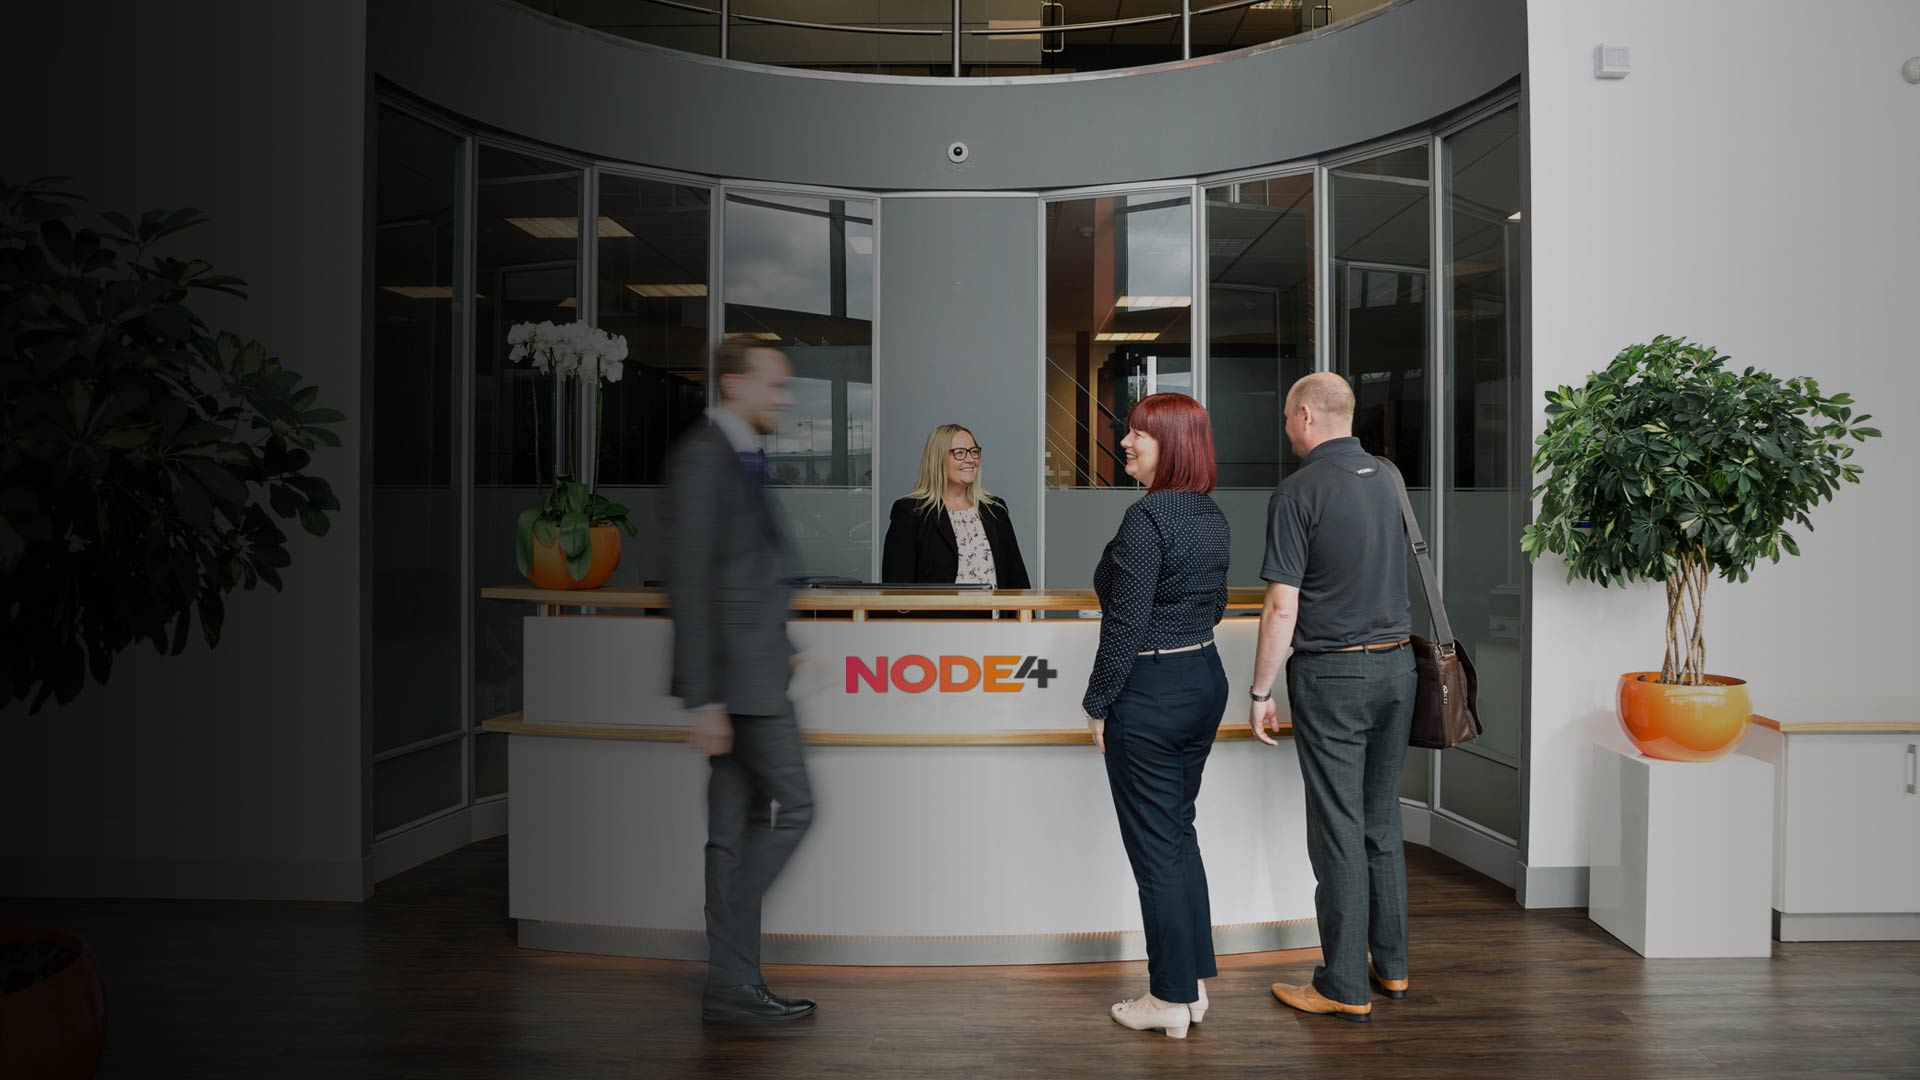 Node4